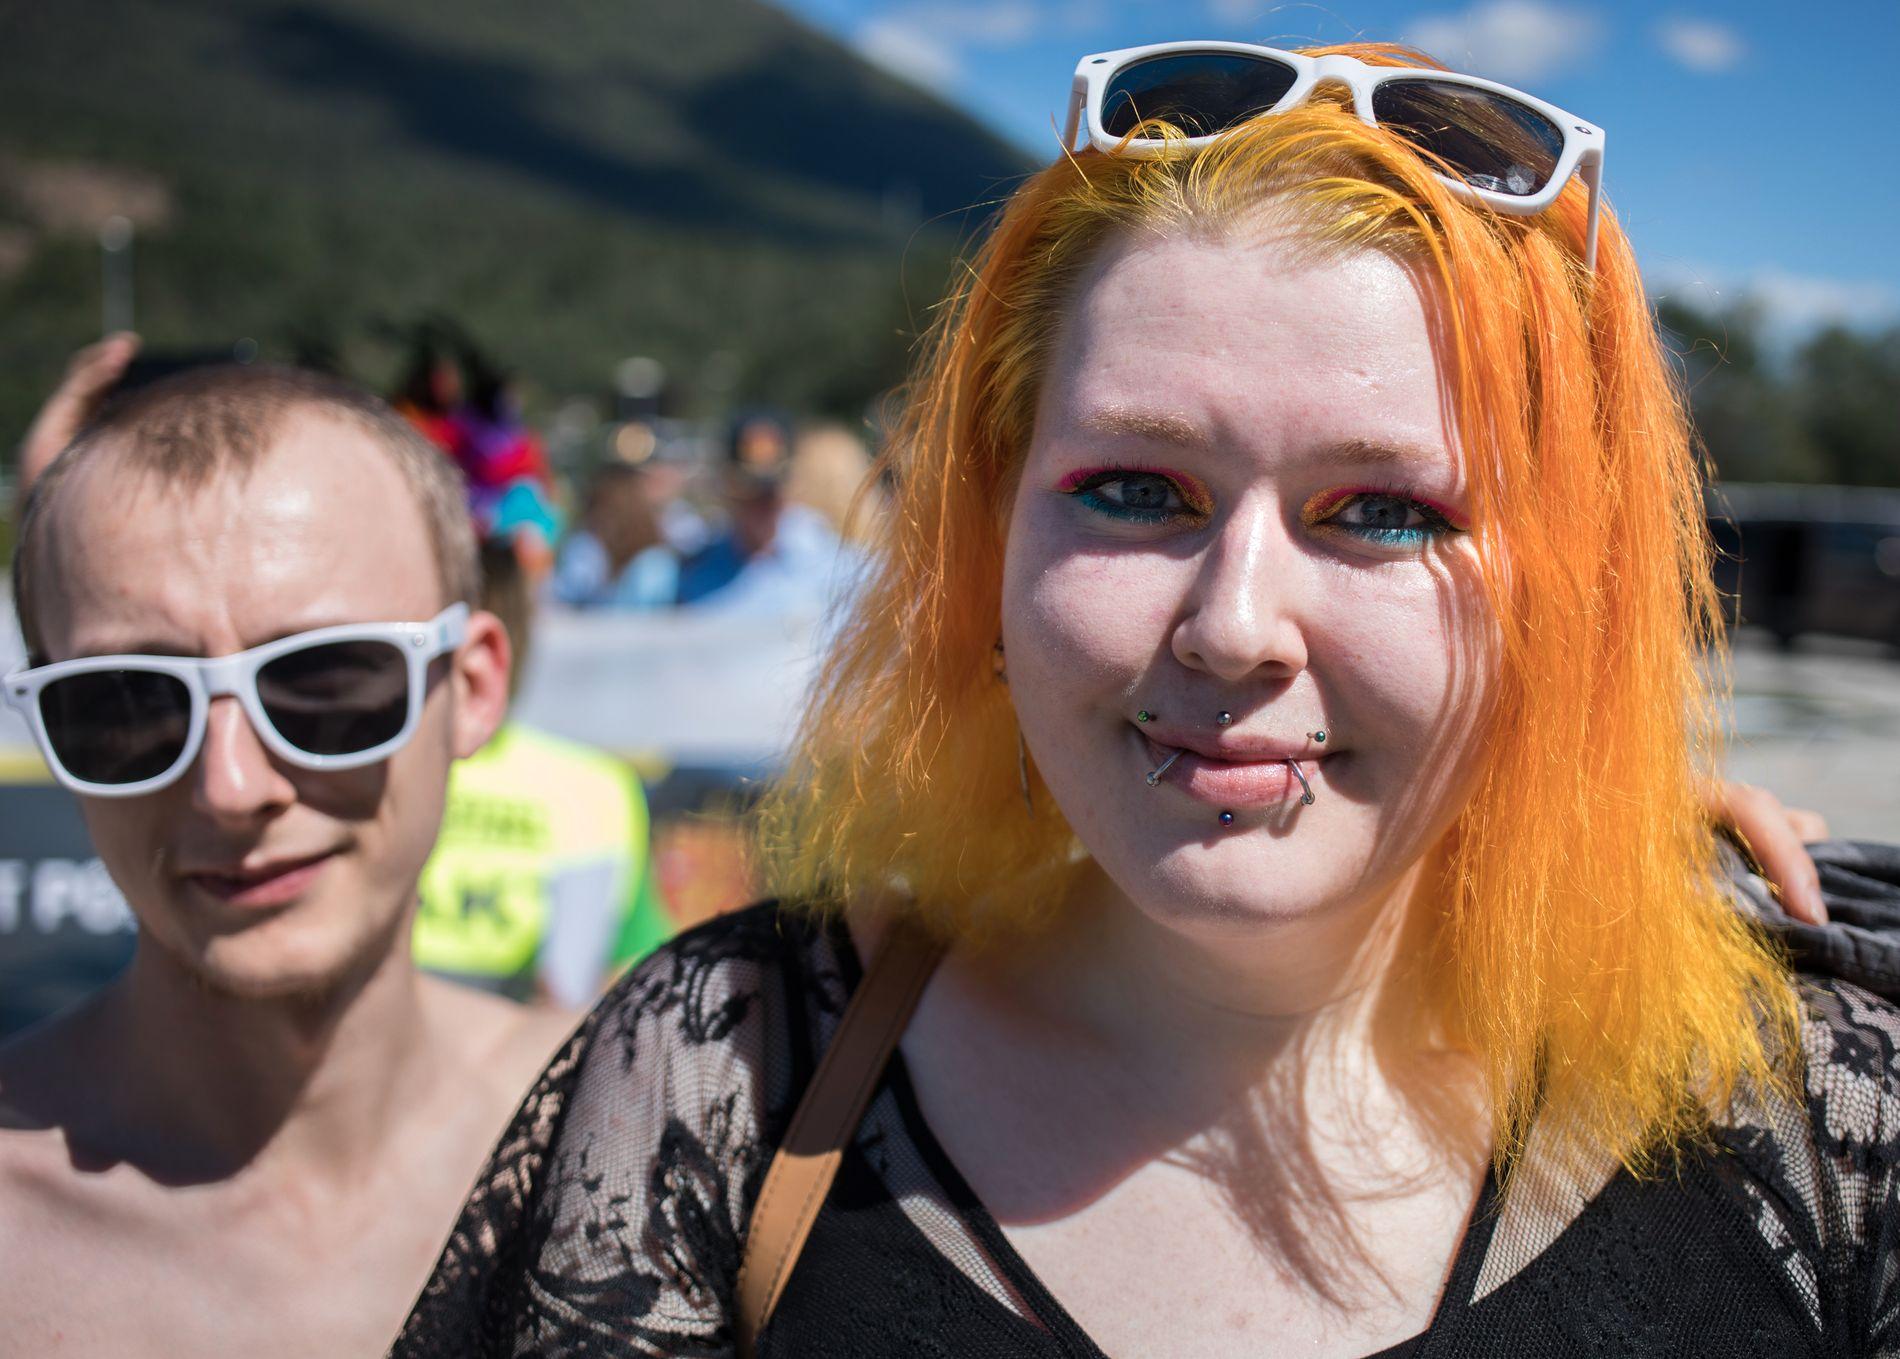 GJEKK I TOG: Svenn-Inge Hiller og Angelica Reiersgård-Hansen koste seg i strålande sol i Førde.